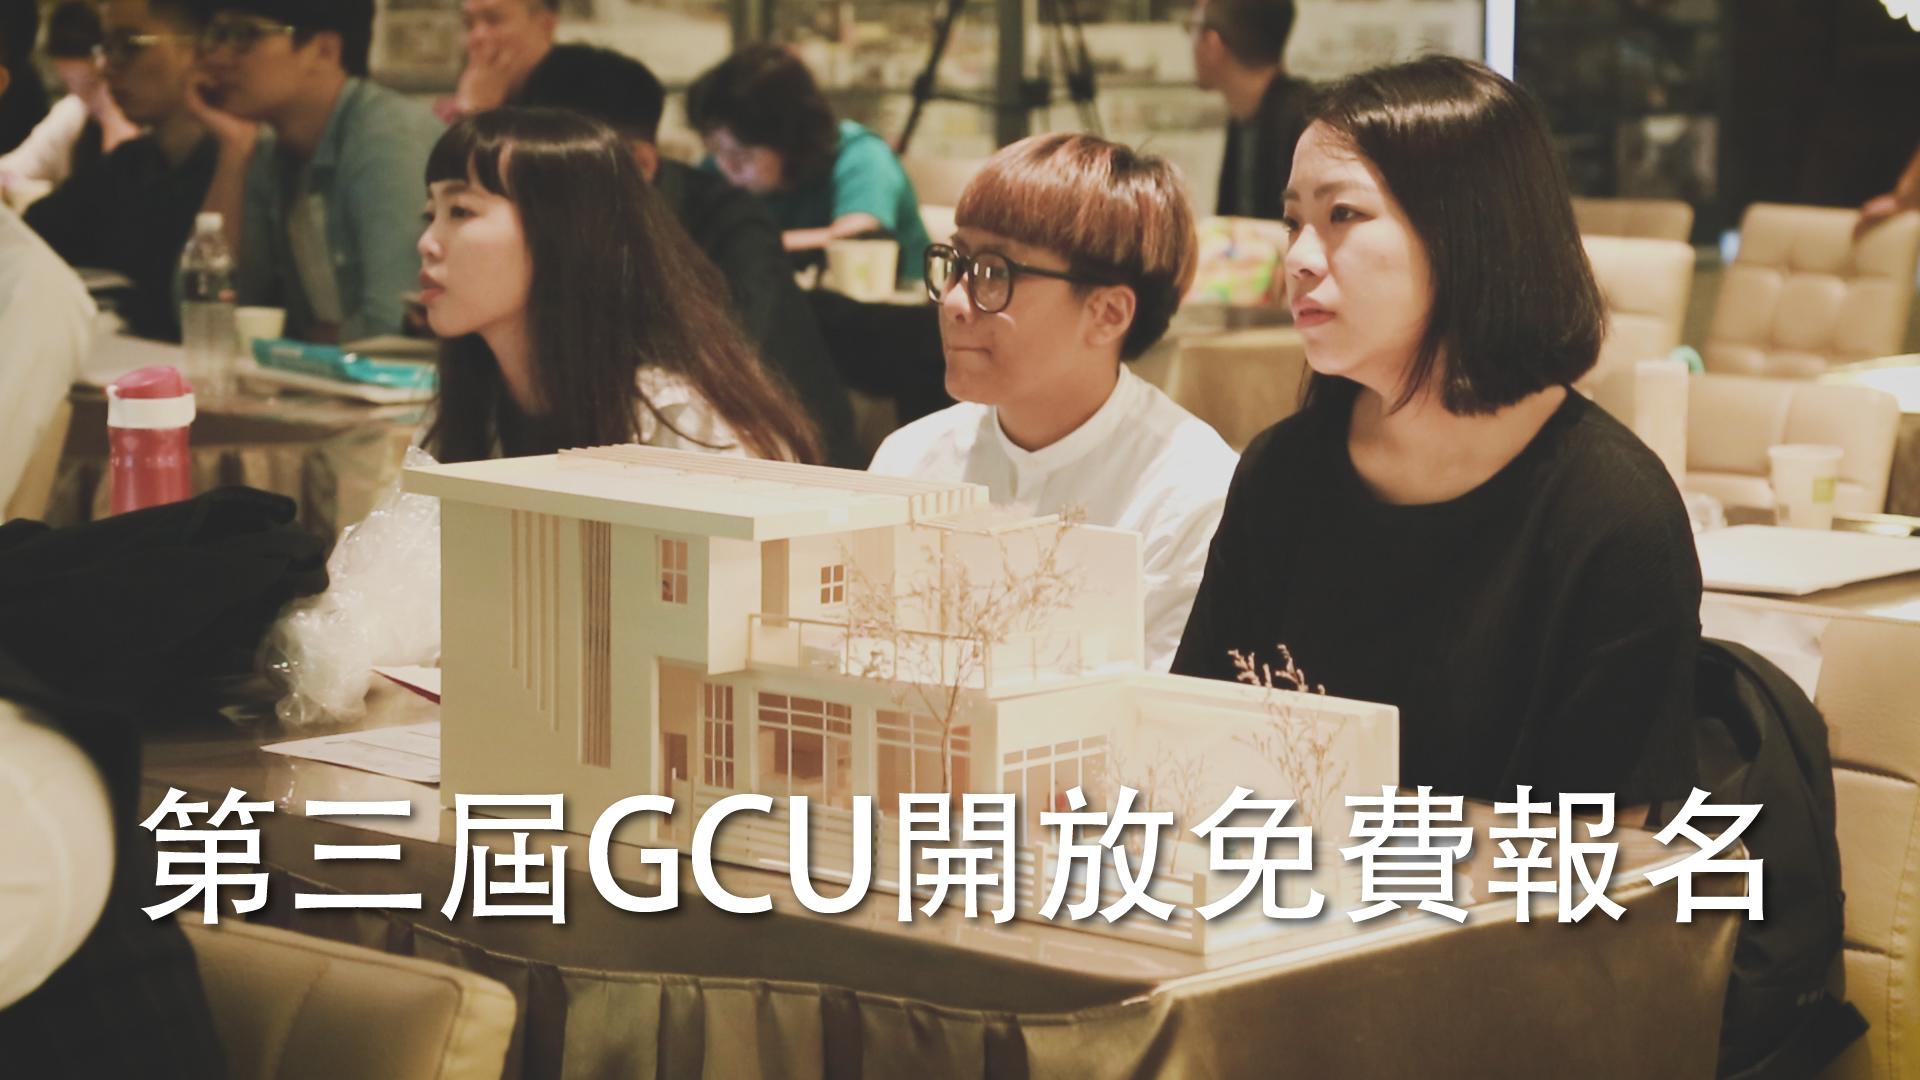 第三屆GCU開放免費報名